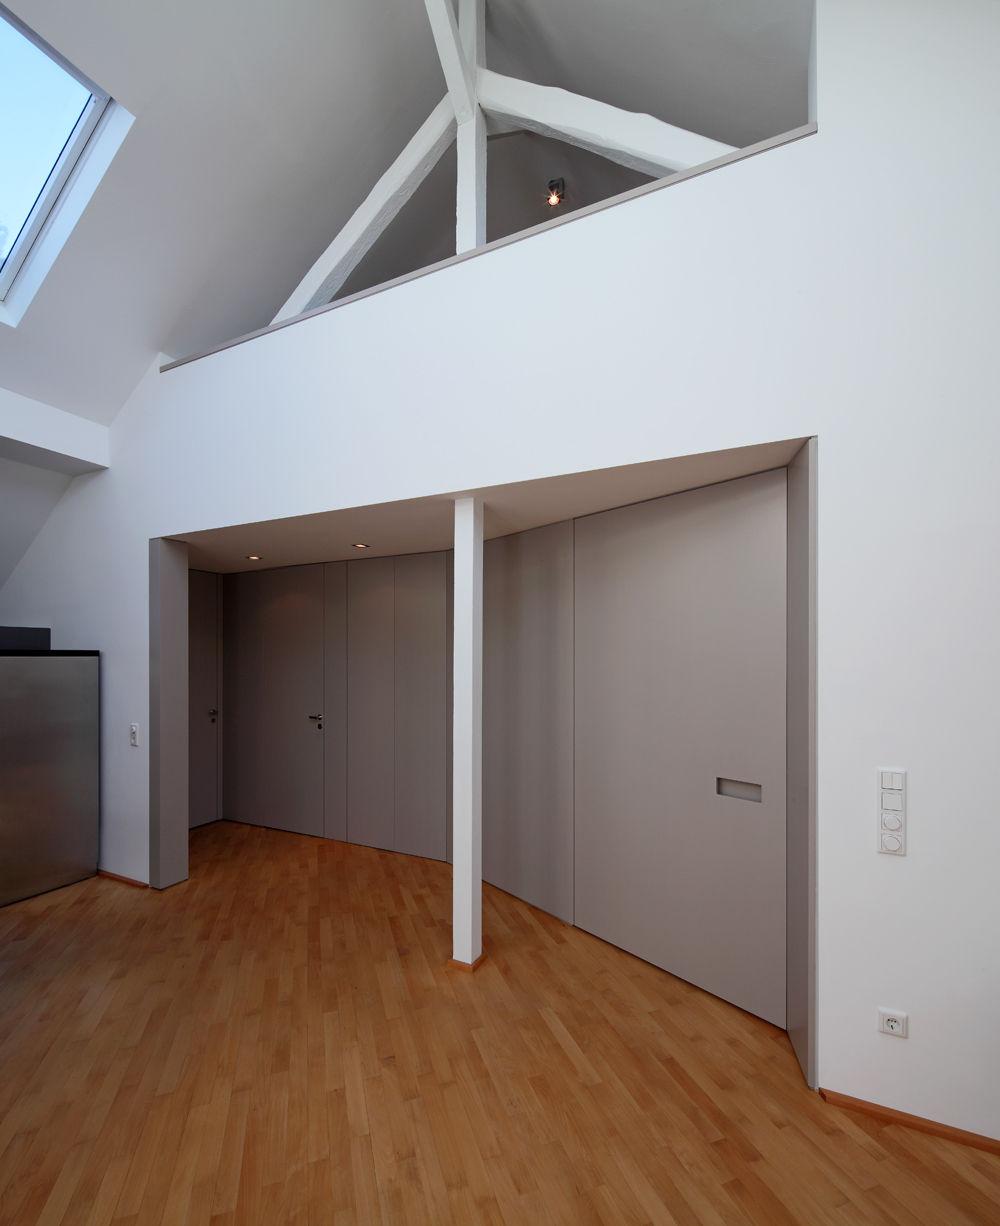 Moderne Wohnzimmerwande Galerie : Moderne galerie mit historischen dachbalken bauemotion